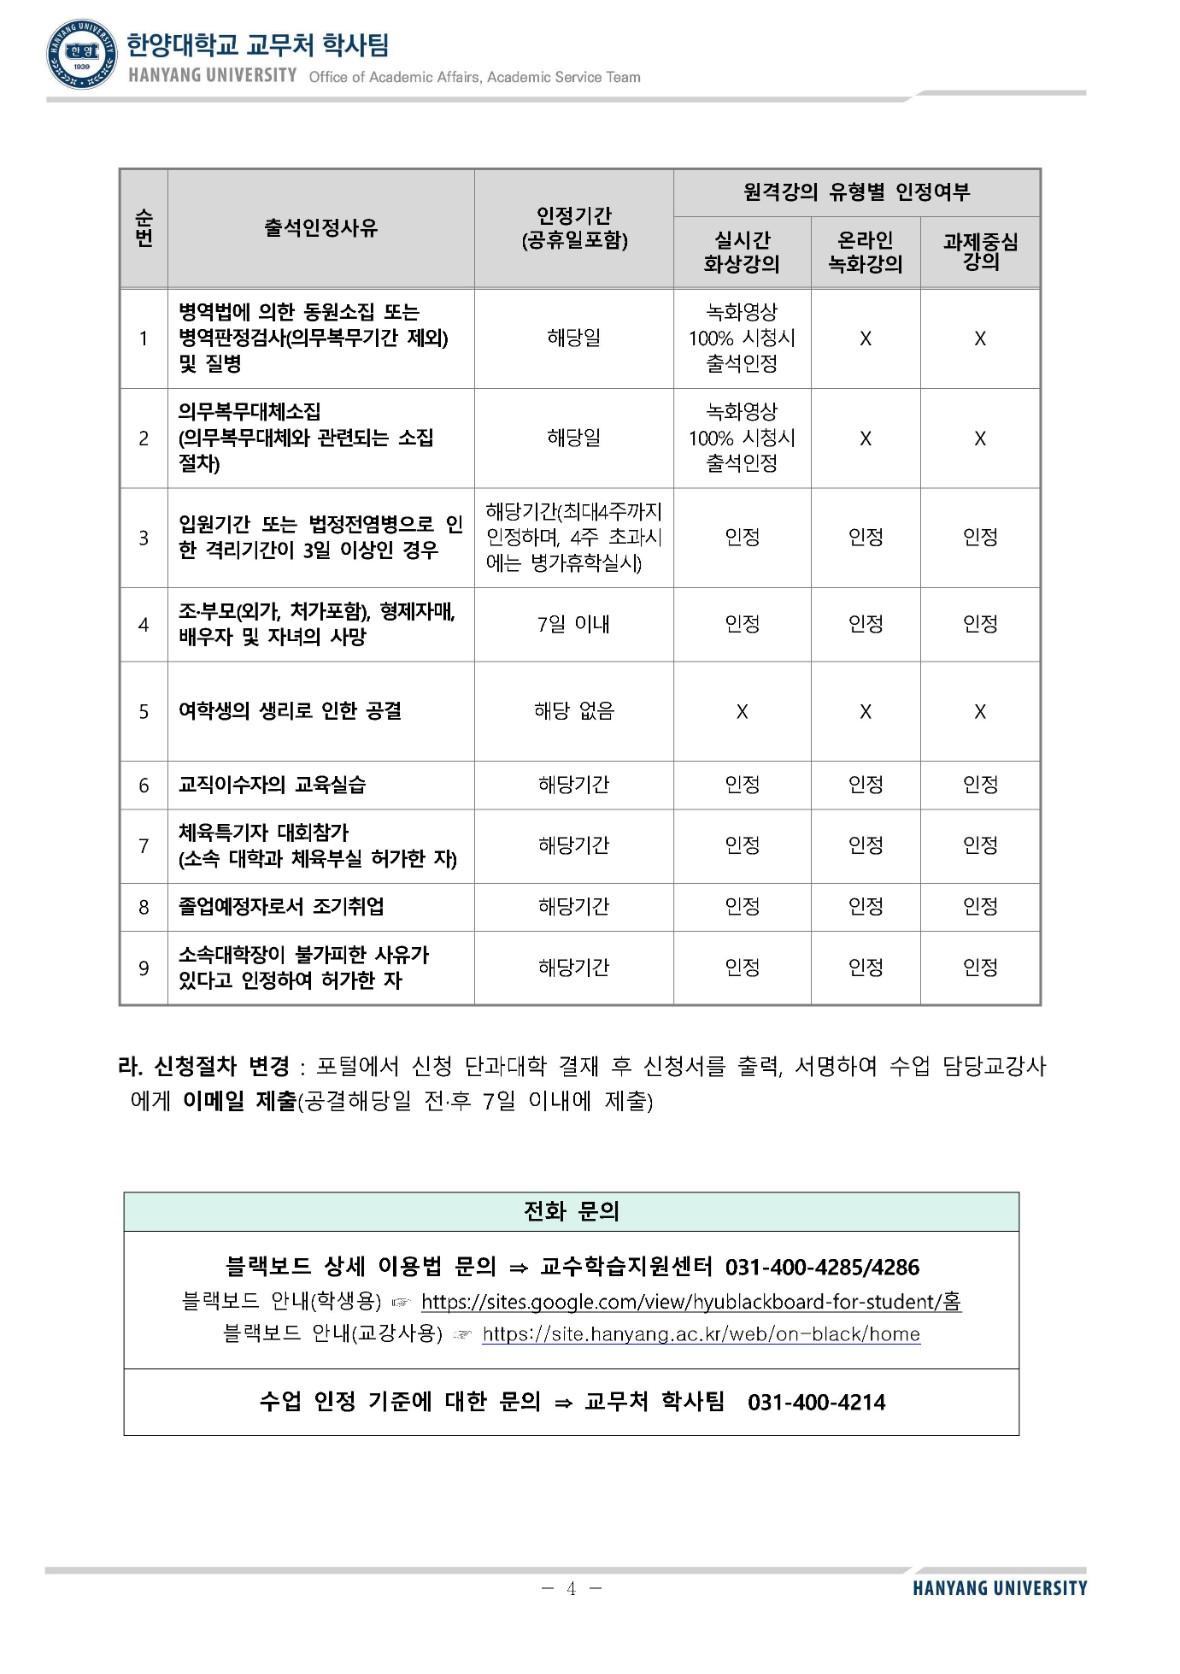 2020_1학기_원격수업안내_학생용(ERICA) (1)_페이지_4.jpg